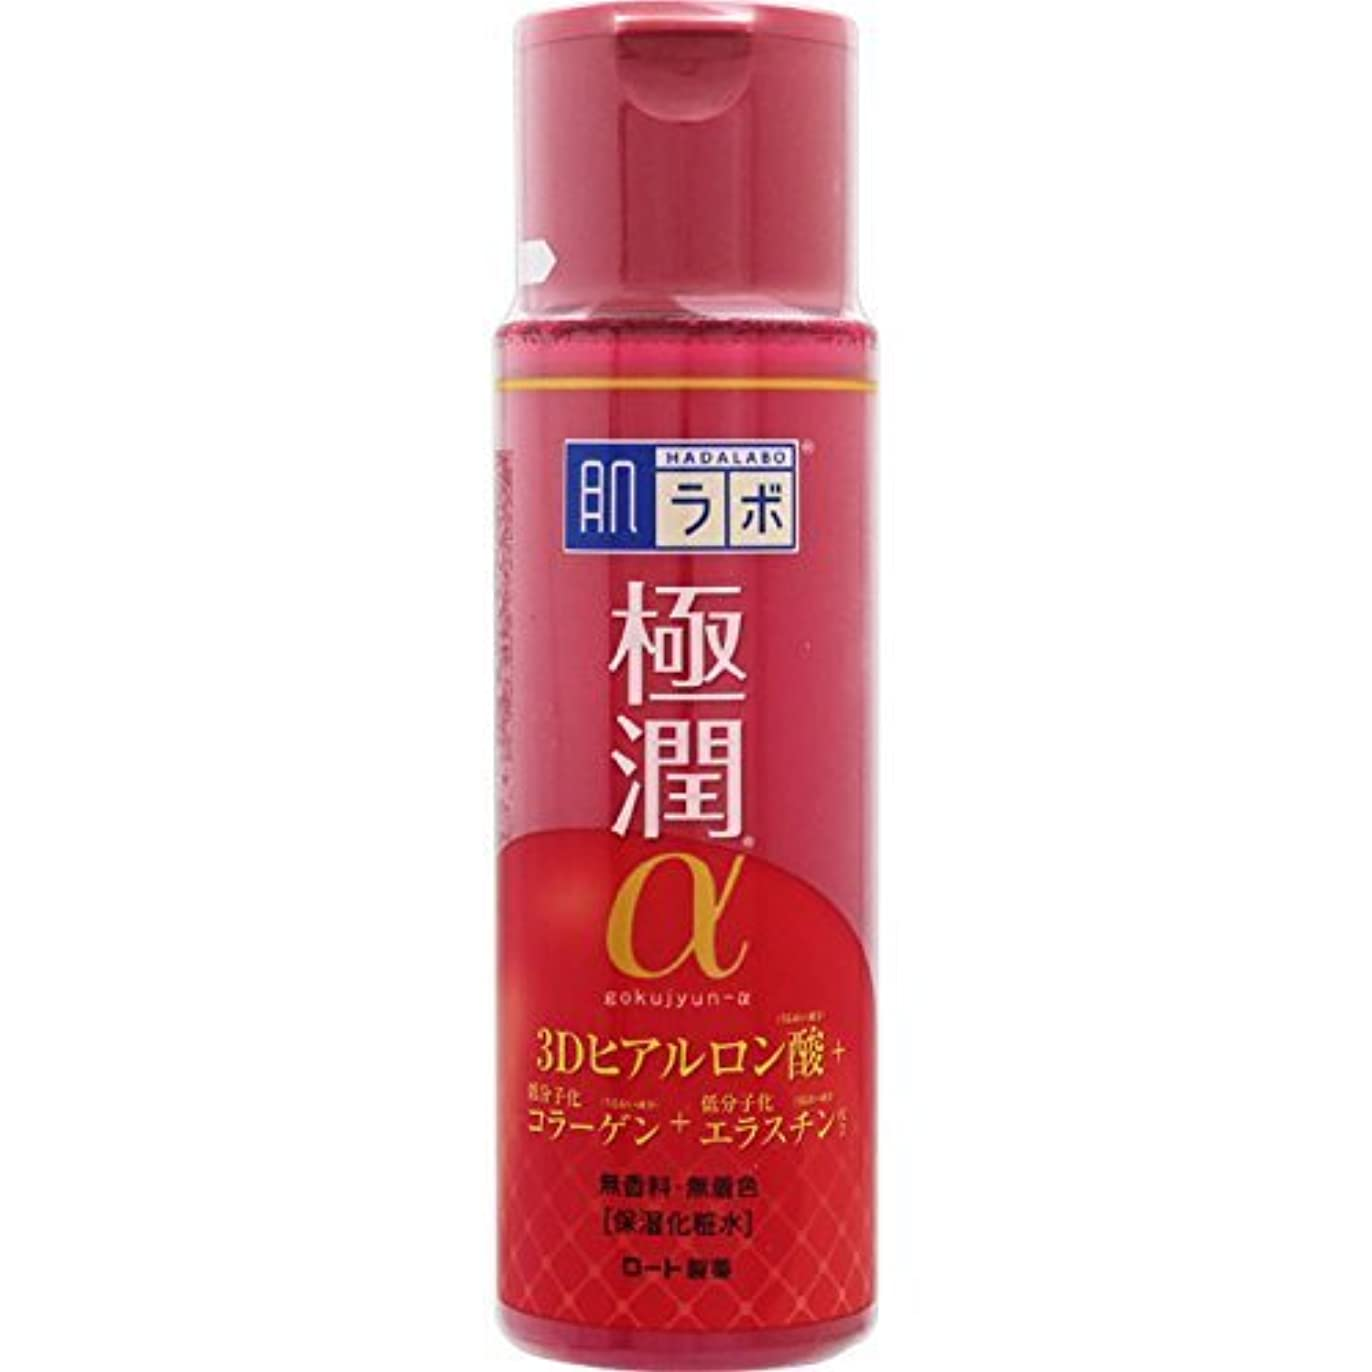 (2016年秋の新商品)(ロート製薬)肌ラボ極潤α 3Dヒアルロン酸保湿化粧水 170ml